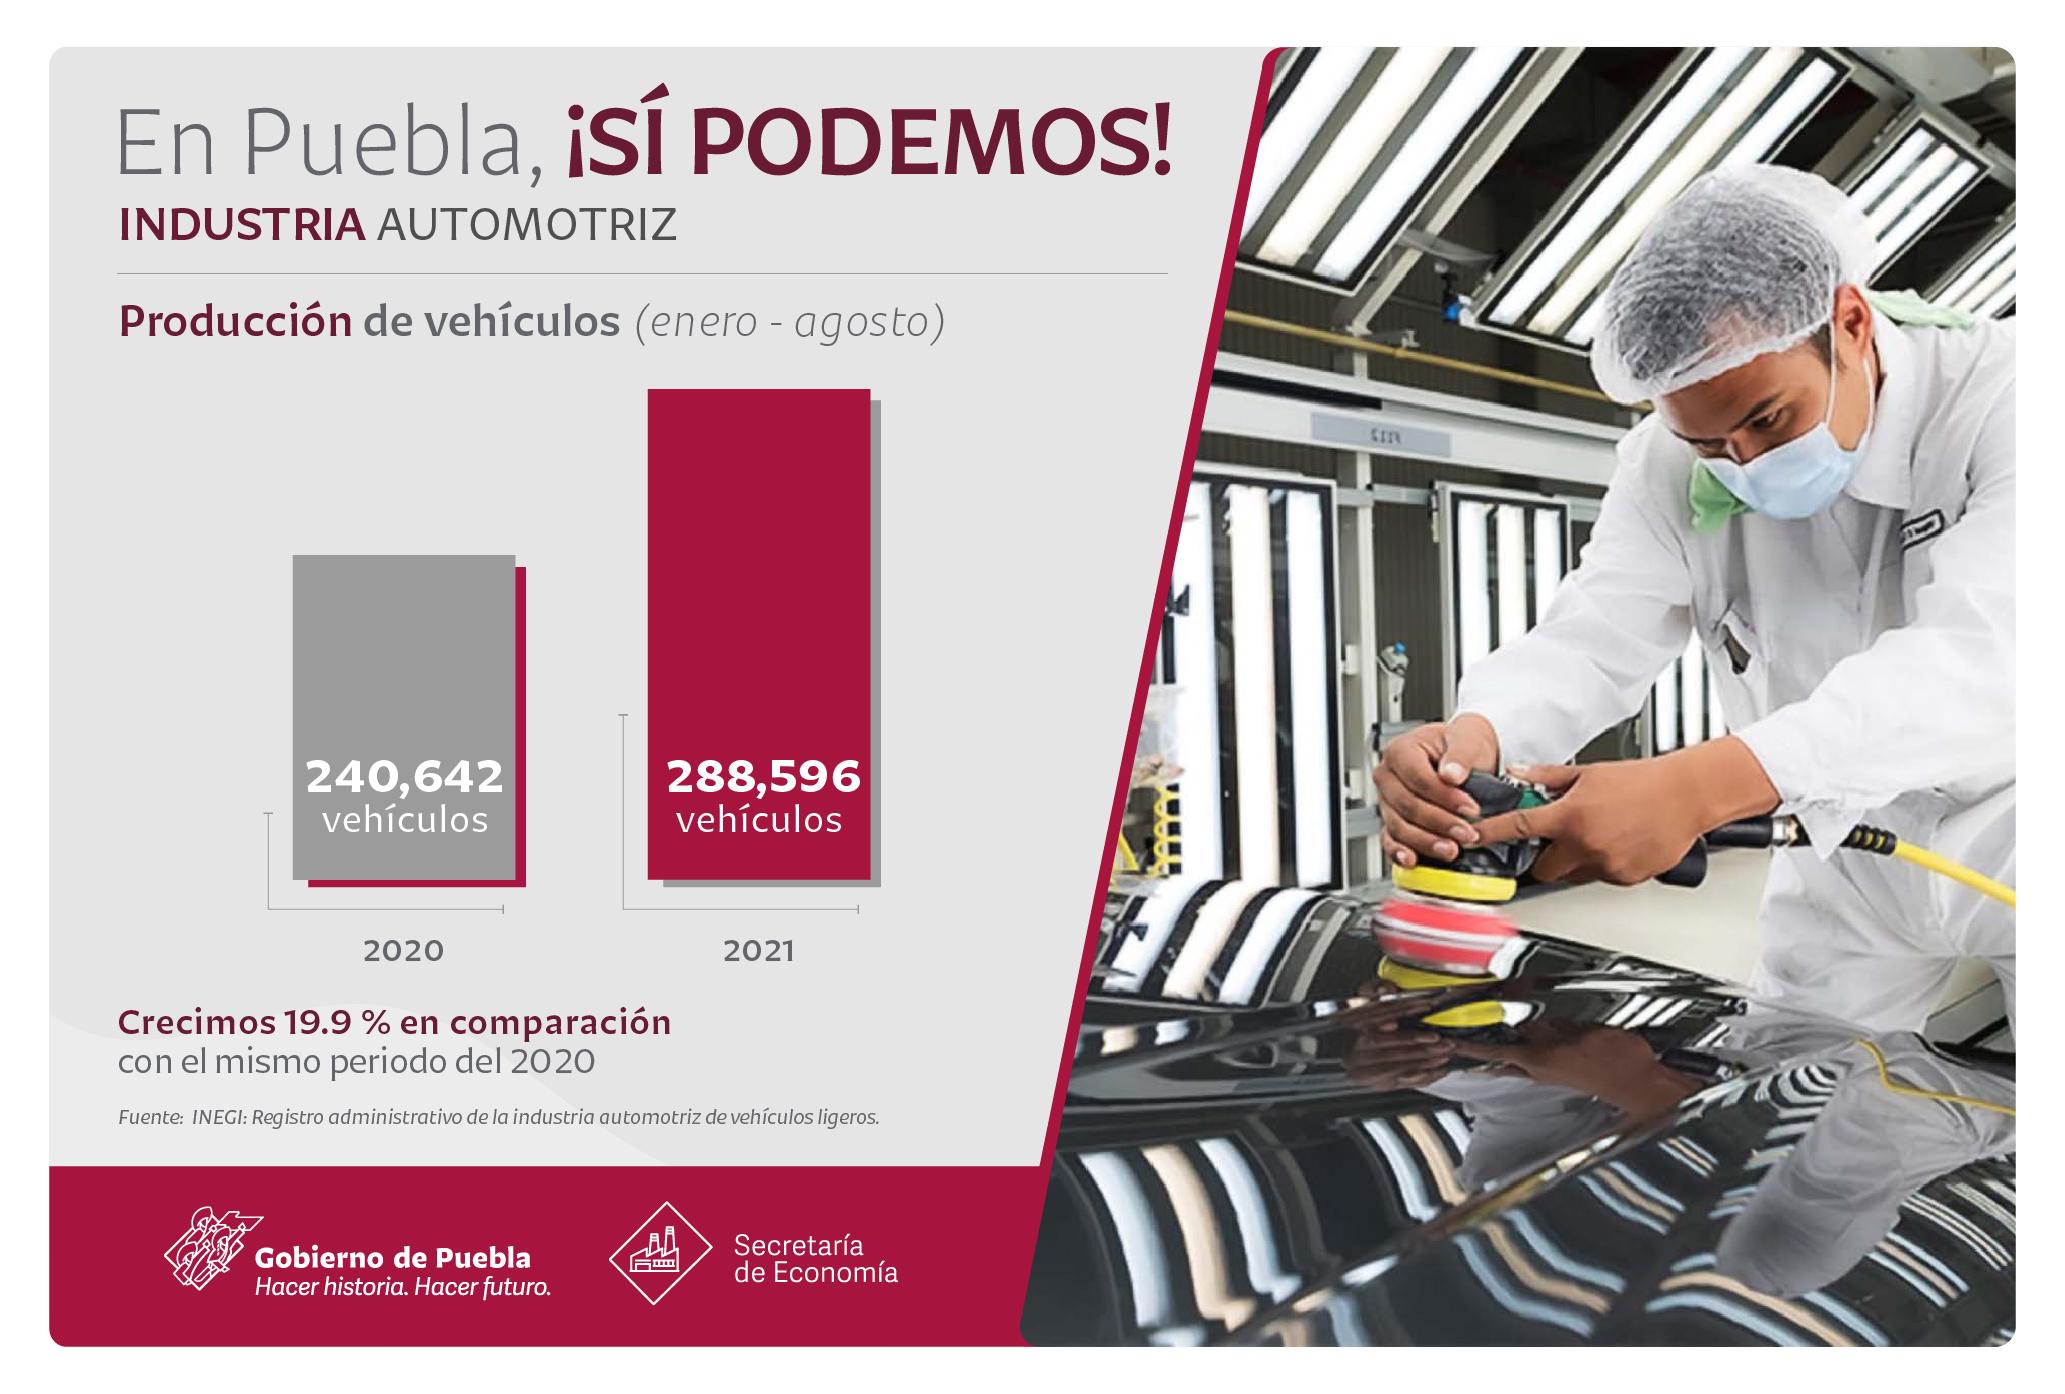 Producción y exportaciones automotrices de Puebla crecen arriba de la media nacional